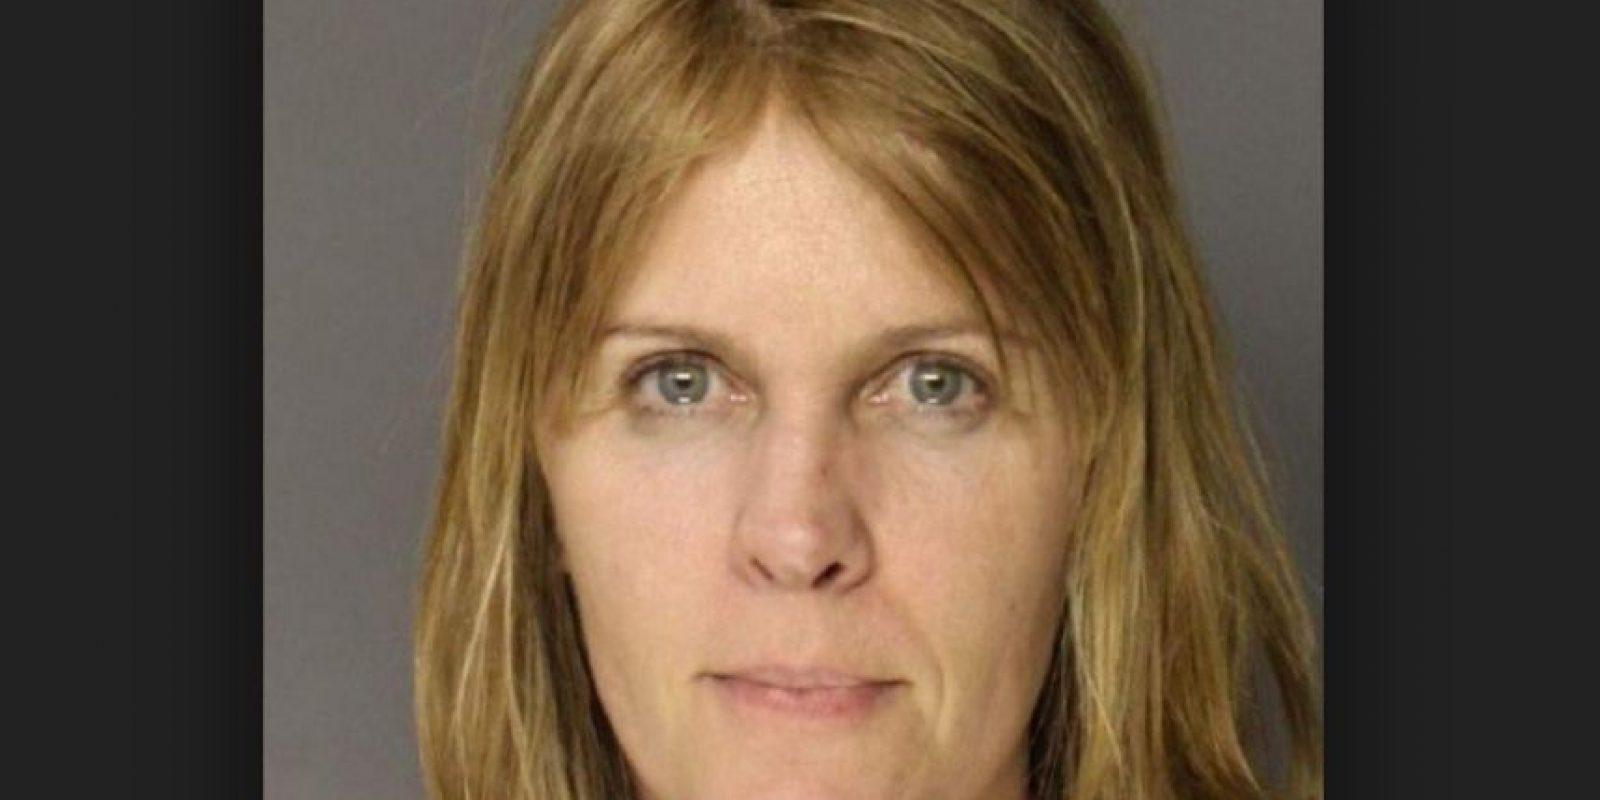 Sandra Beth Geisel fue arrestada por violar a un niño de 16 años de una escuela cristiana. Foto:Colonie Police Department